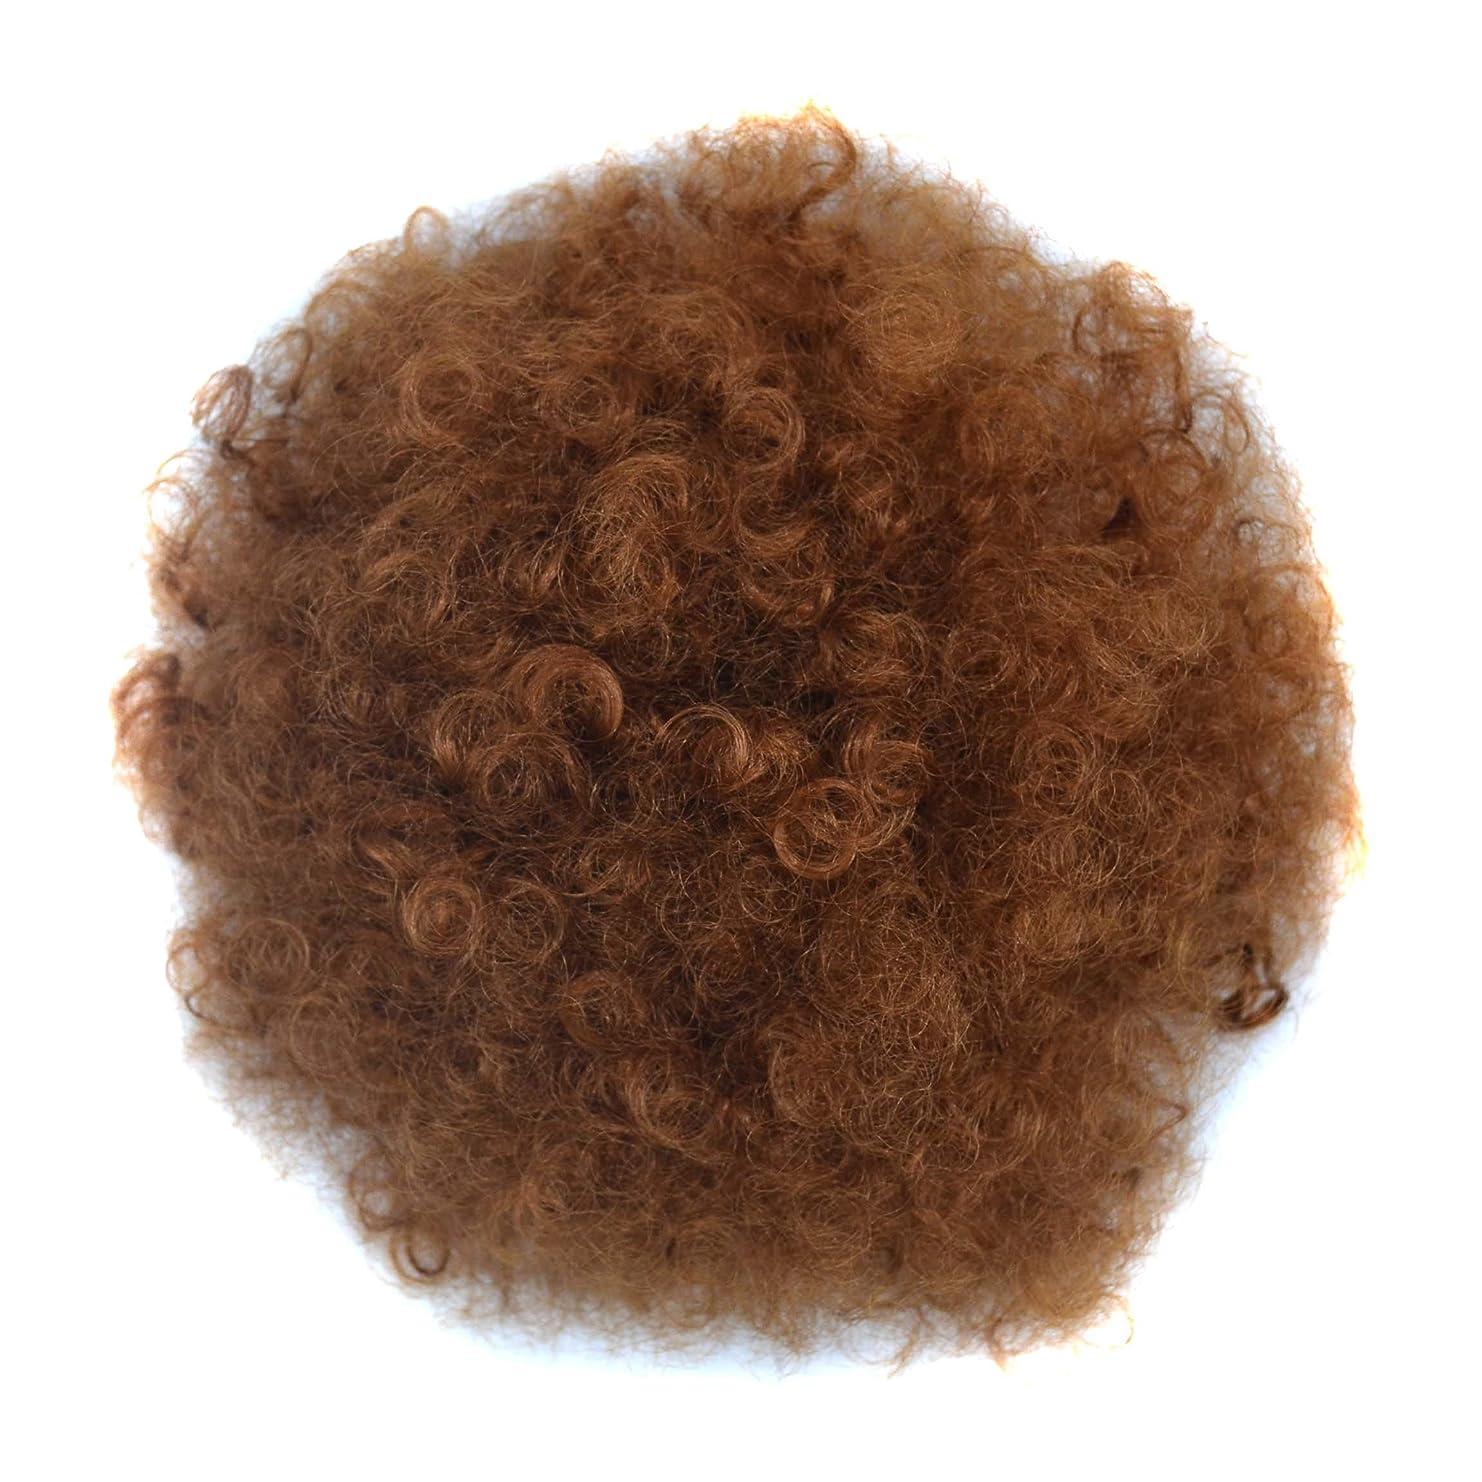 終点うま不変JIANFU 爆発ヘッドふわふわ毛髪の拡張子カールヘアの毛の拡張子キャタピラーのかつらのサイズ選択ウィッグの部分 (Color : Light Brown(S))